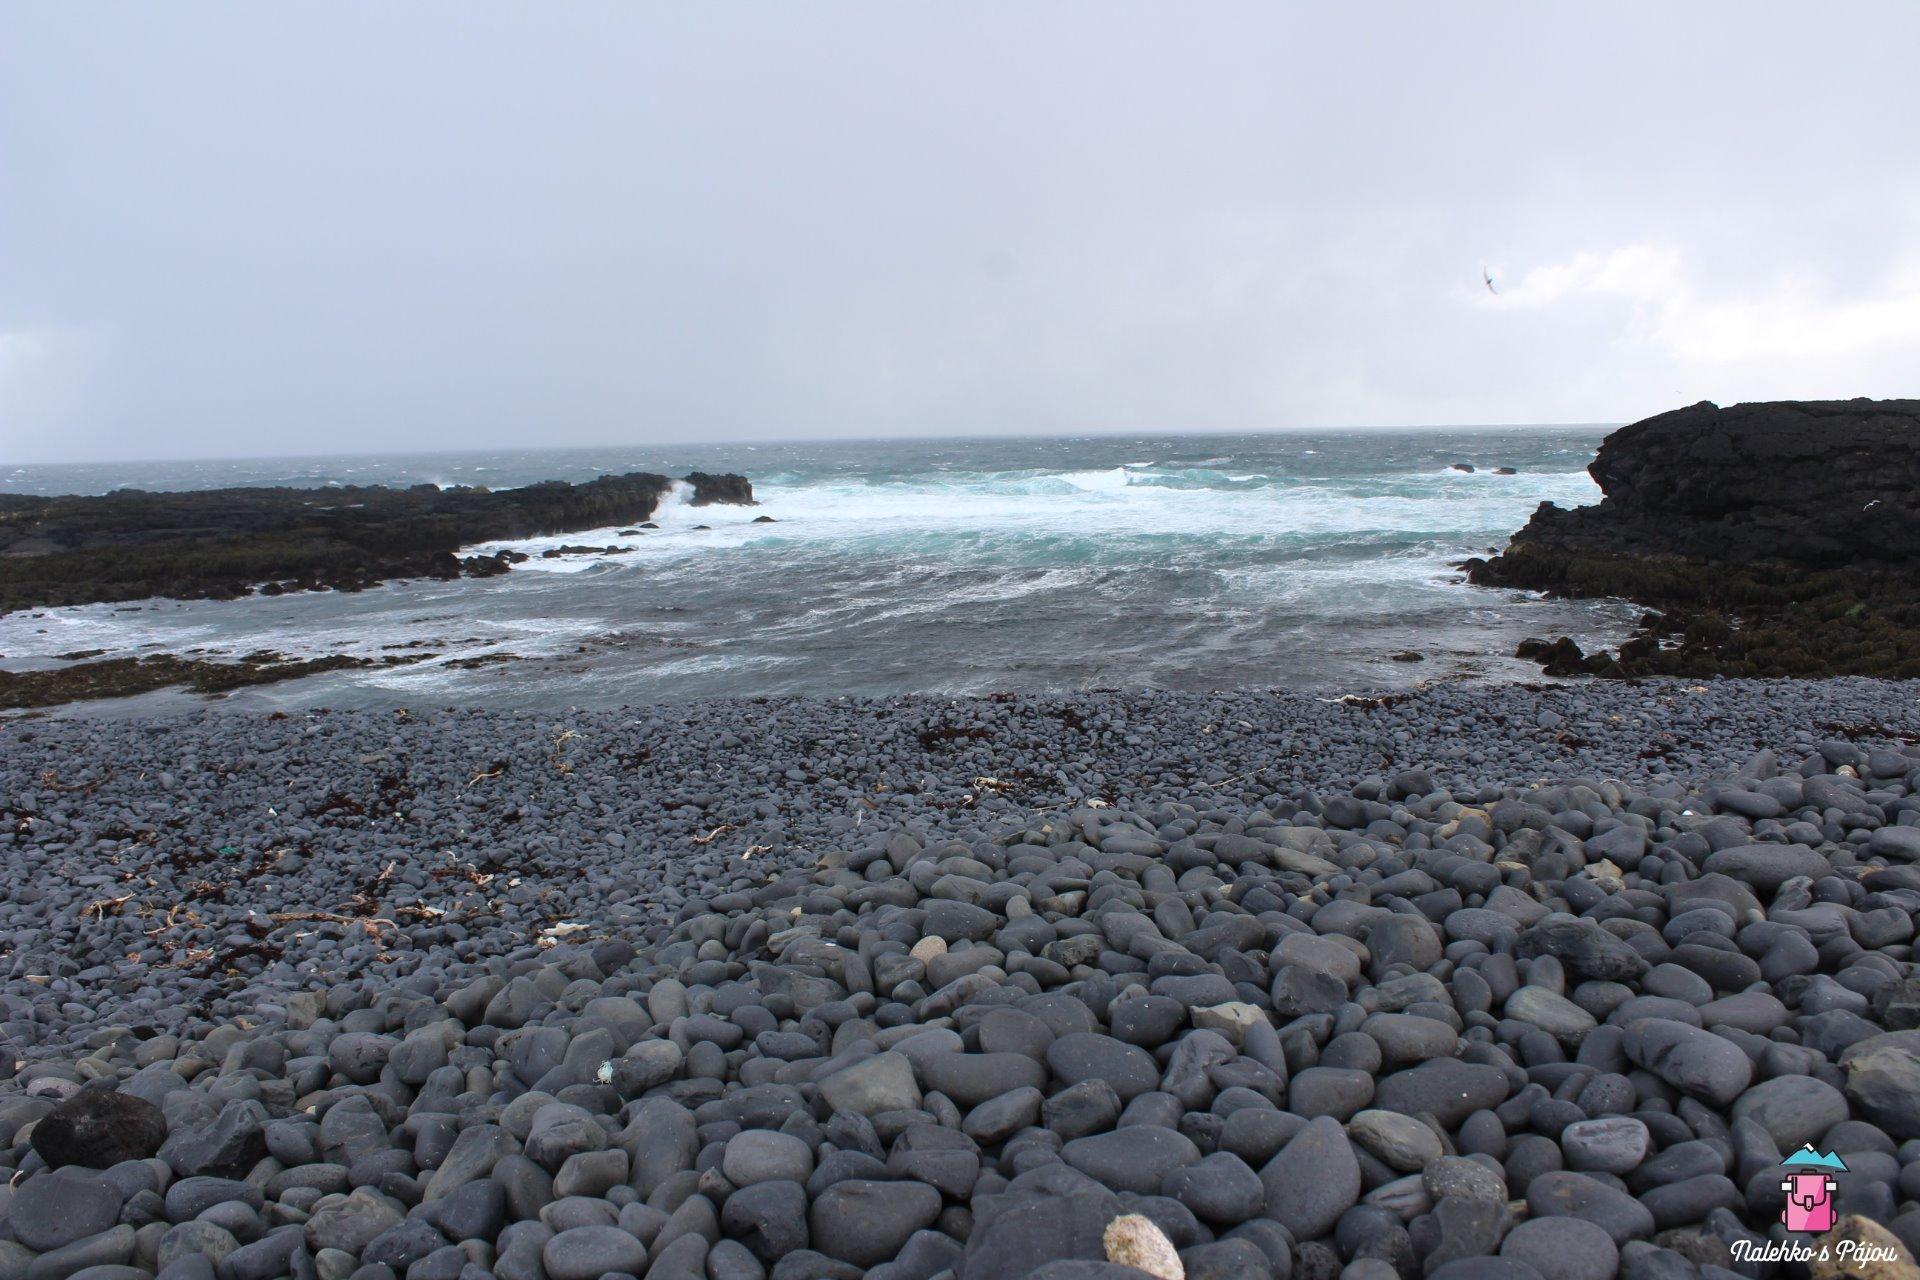 Na pláži pod majákem najdete nádhernou oblázkovou pláž, moje první setkání s oceánem